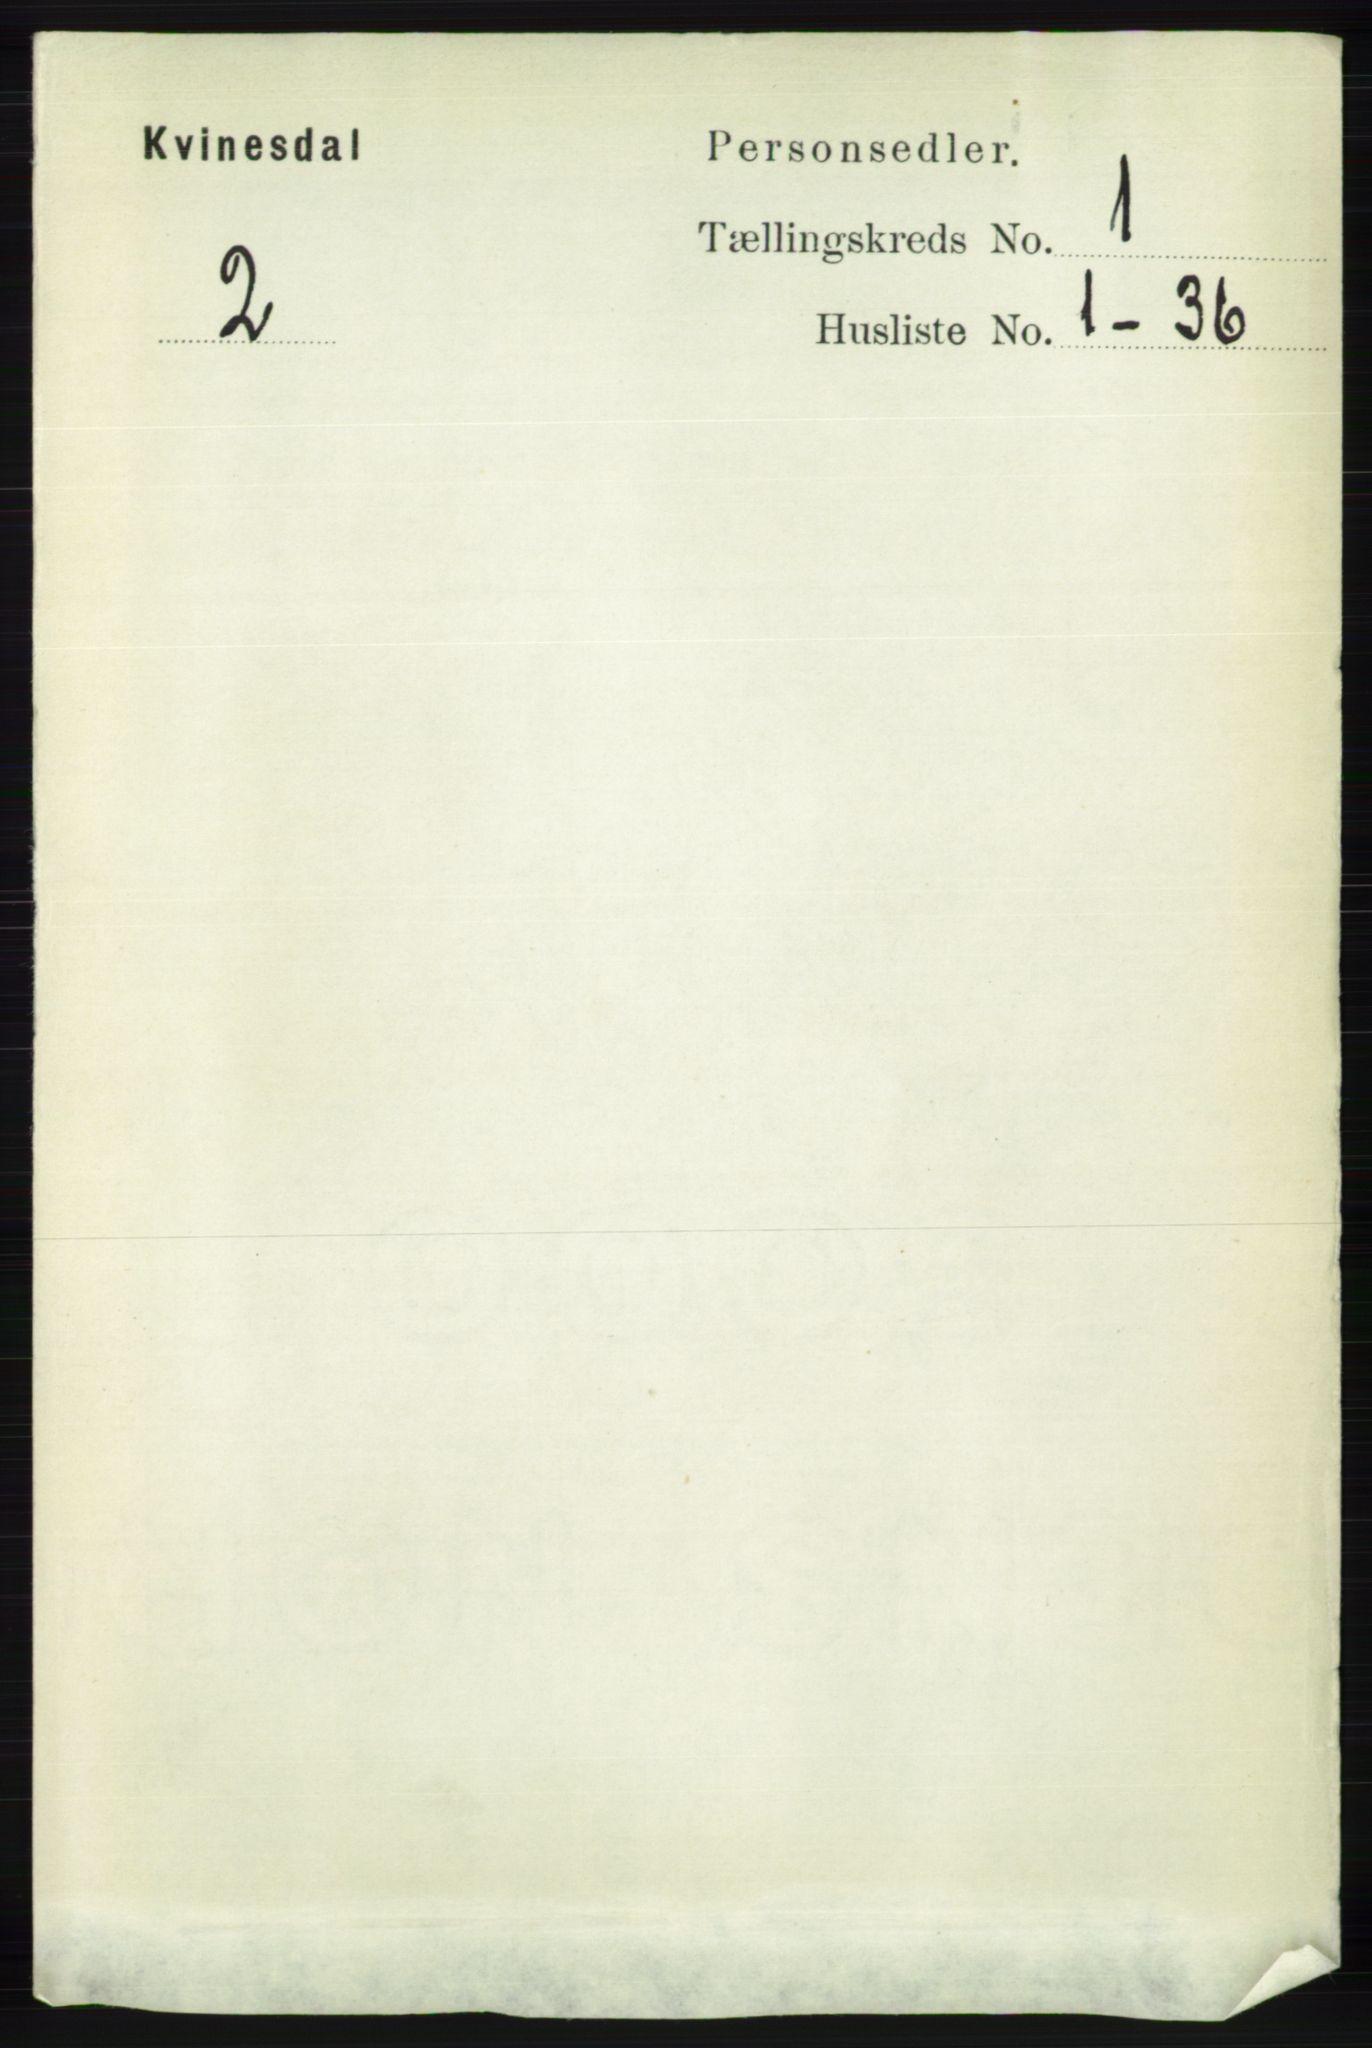 RA, Folketelling 1891 for 1037 Kvinesdal herred, 1891, s. 73